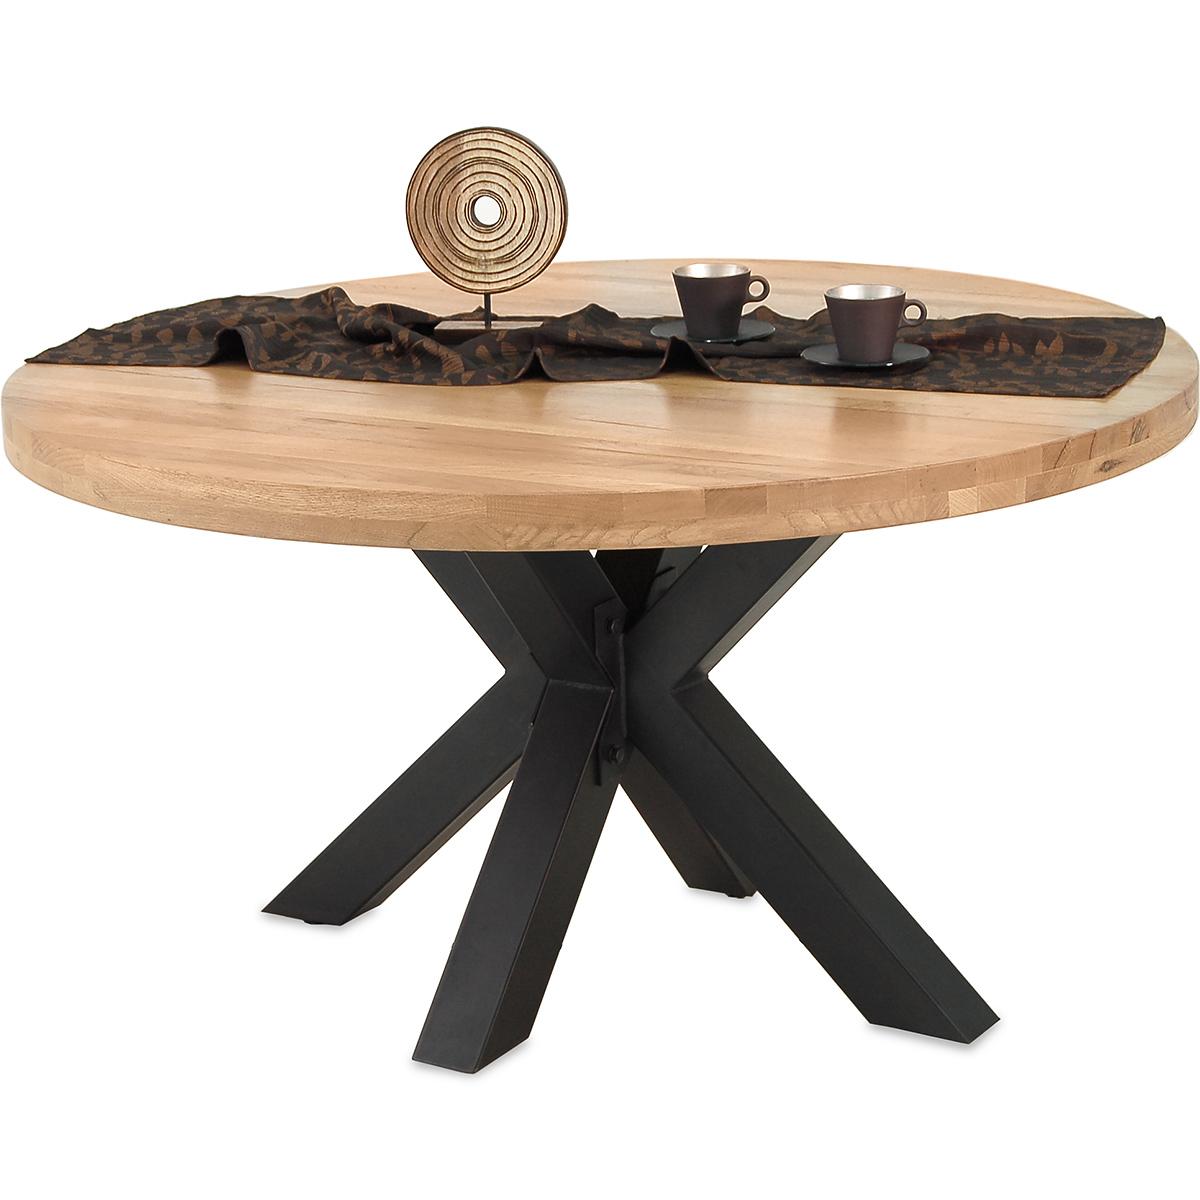 esstisch star 140 cm rund in eiche massiv metall. Black Bedroom Furniture Sets. Home Design Ideas